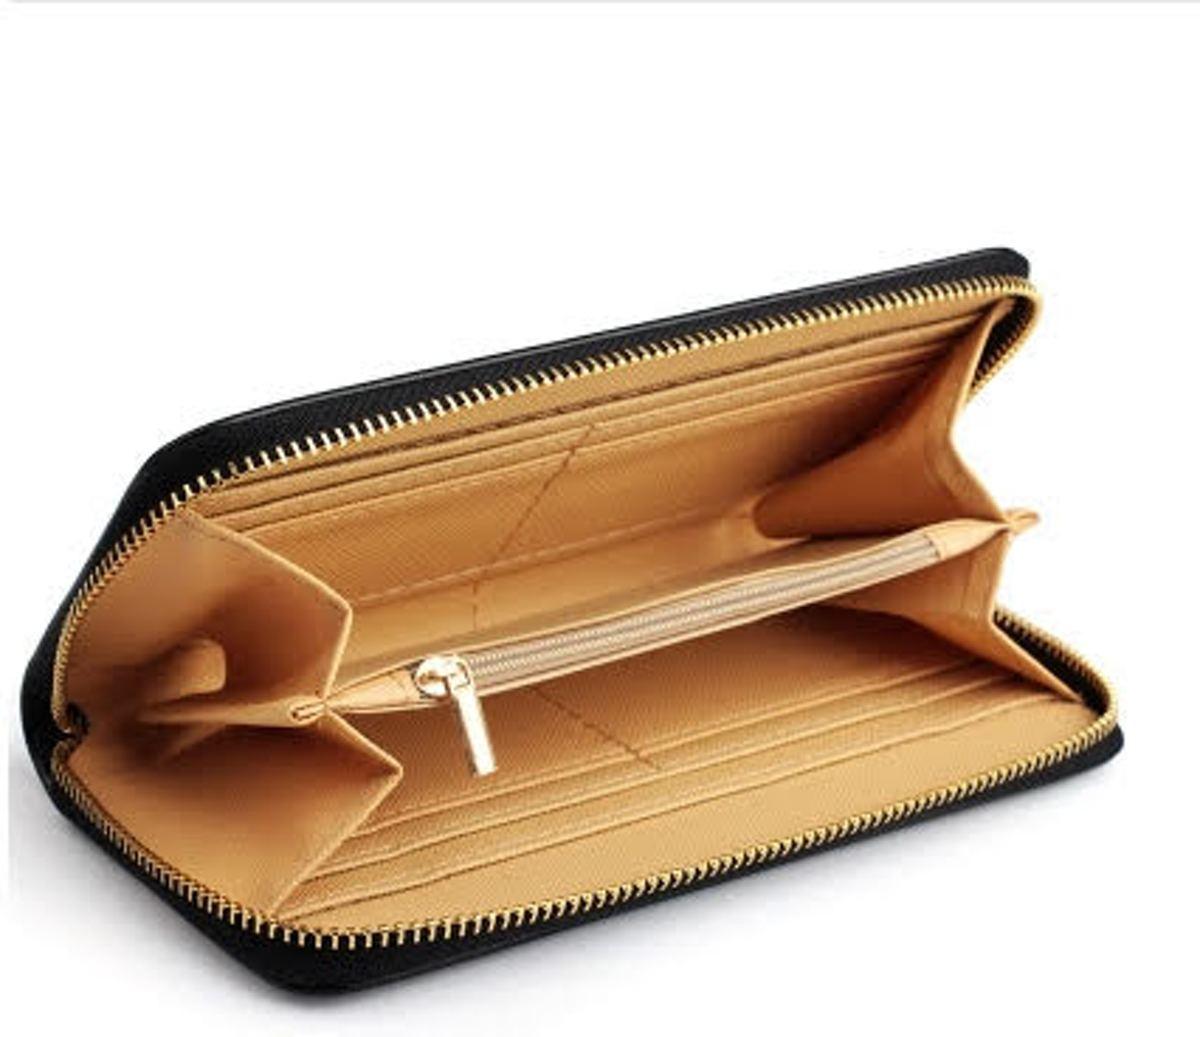 d11be45688f bol.com   Portemonnee - Groot Model - Zwart met Gouden Rits